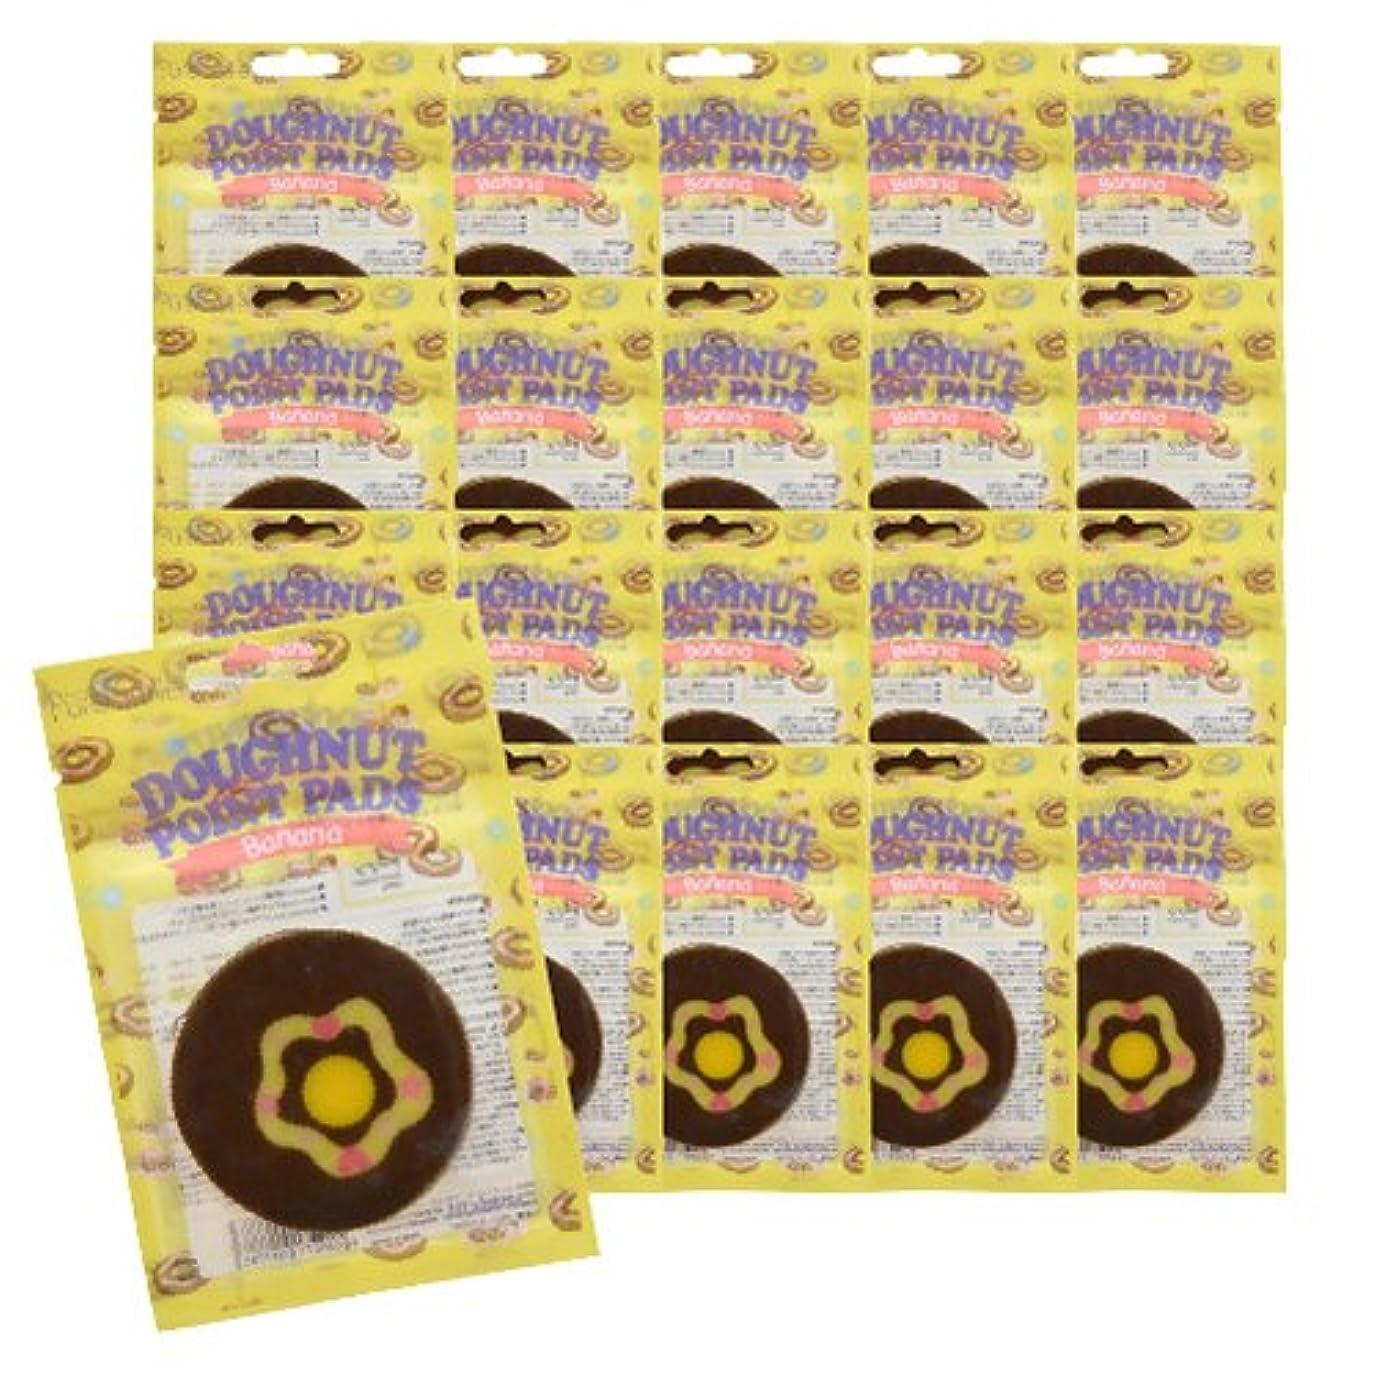 恐ろしい整然とした首尾一貫したピュアスマイル スイートドーナツポイントパッド バナナ 20枚パック